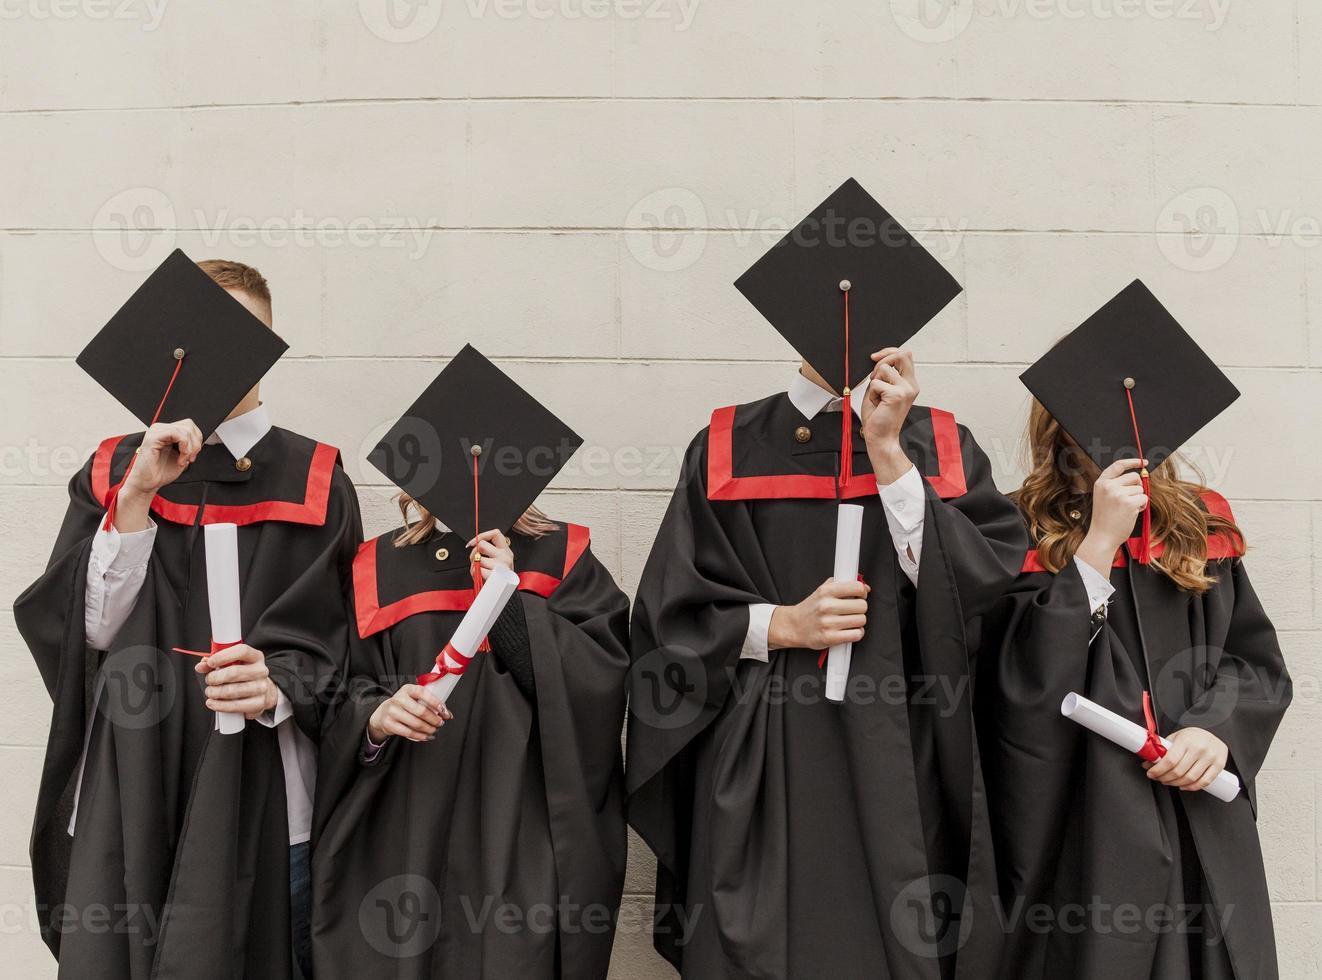 vooraanzicht van afstuderende studenten die gezichten bedekken foto